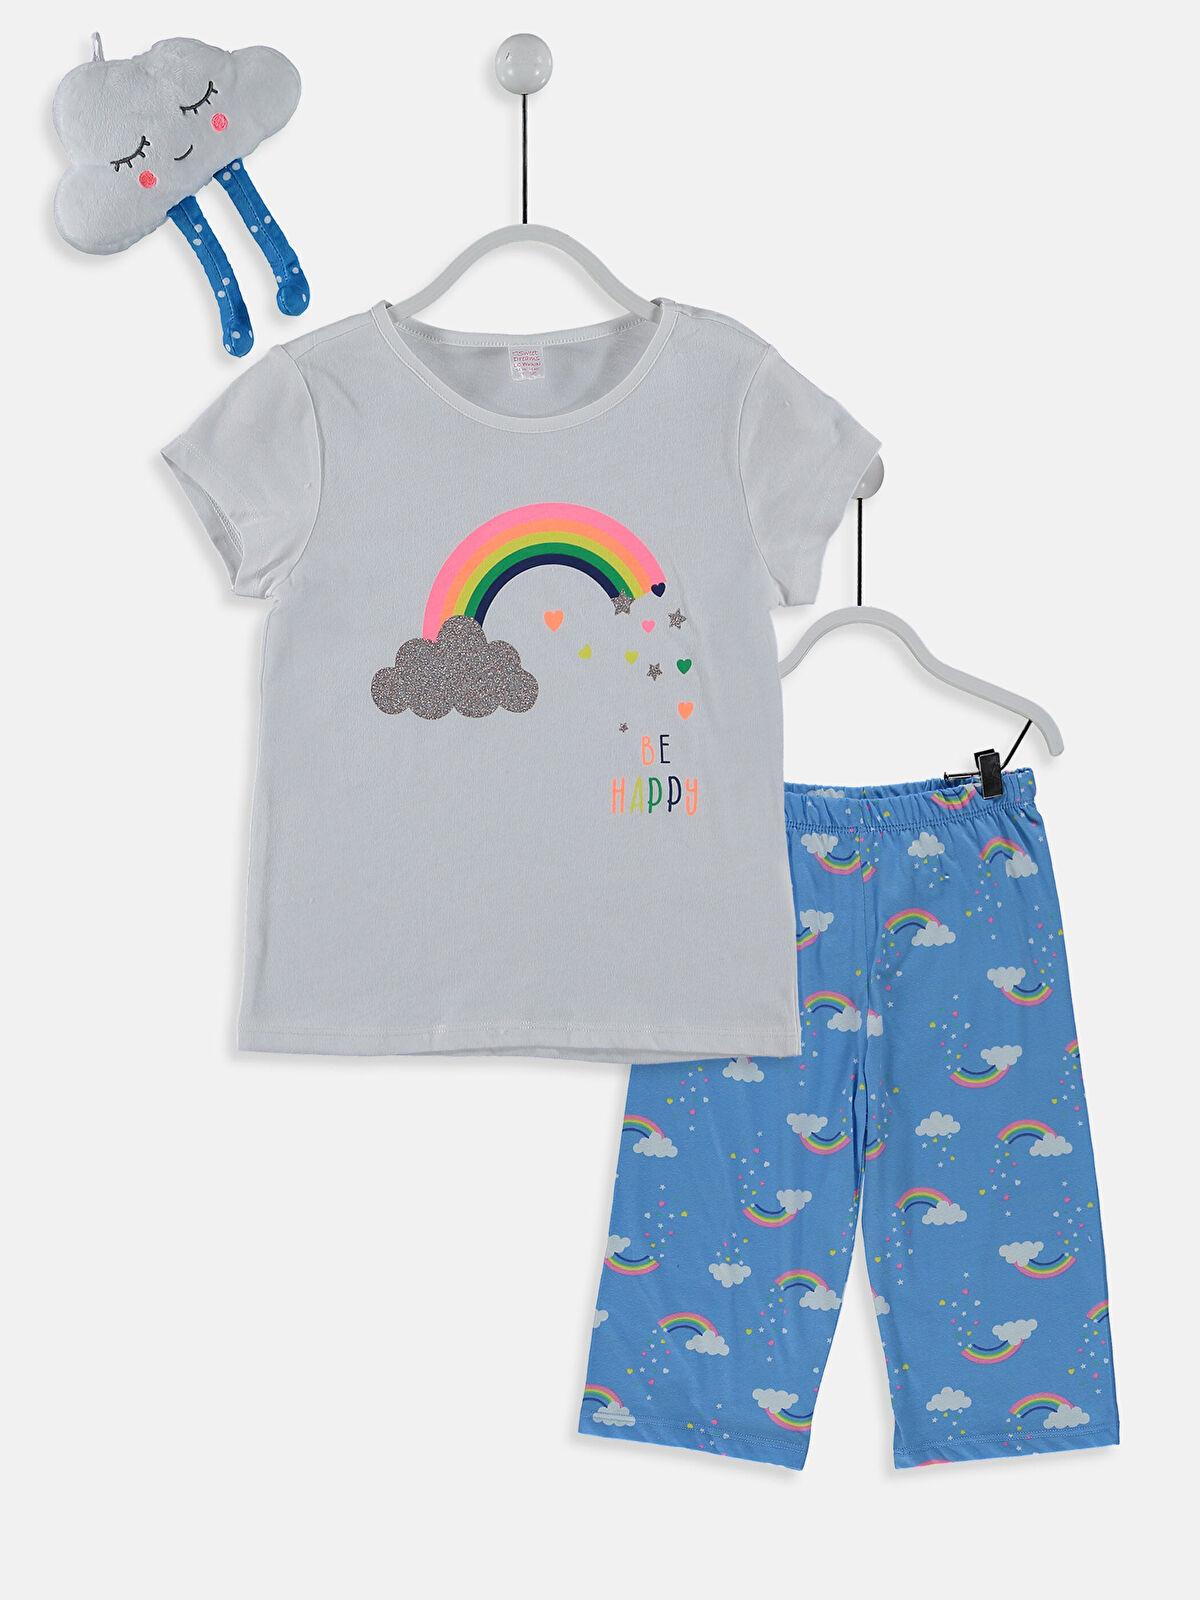 Kız Çocuk Pamuklu Pijama Takımı ve Oyuncak - LC WAIKIKI